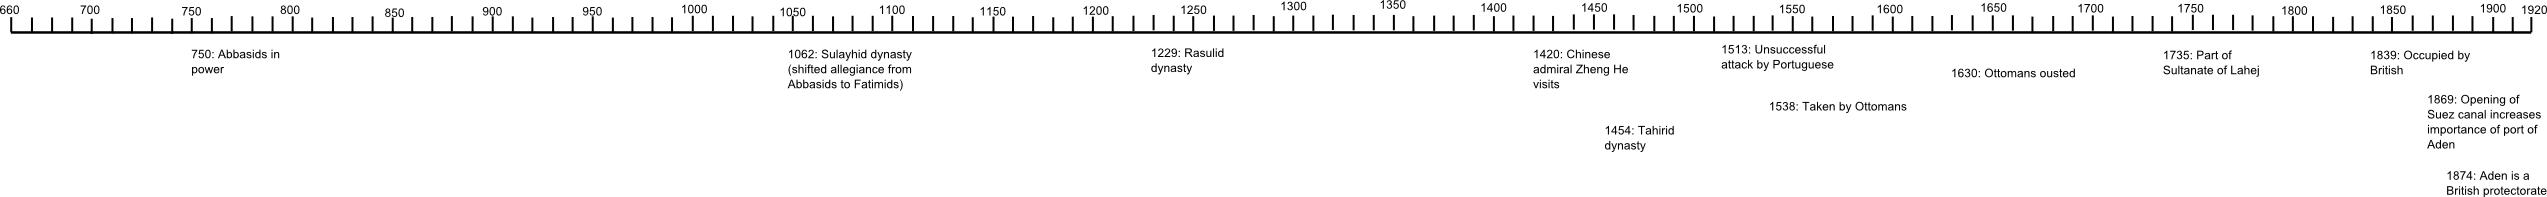 Timeline of Aden